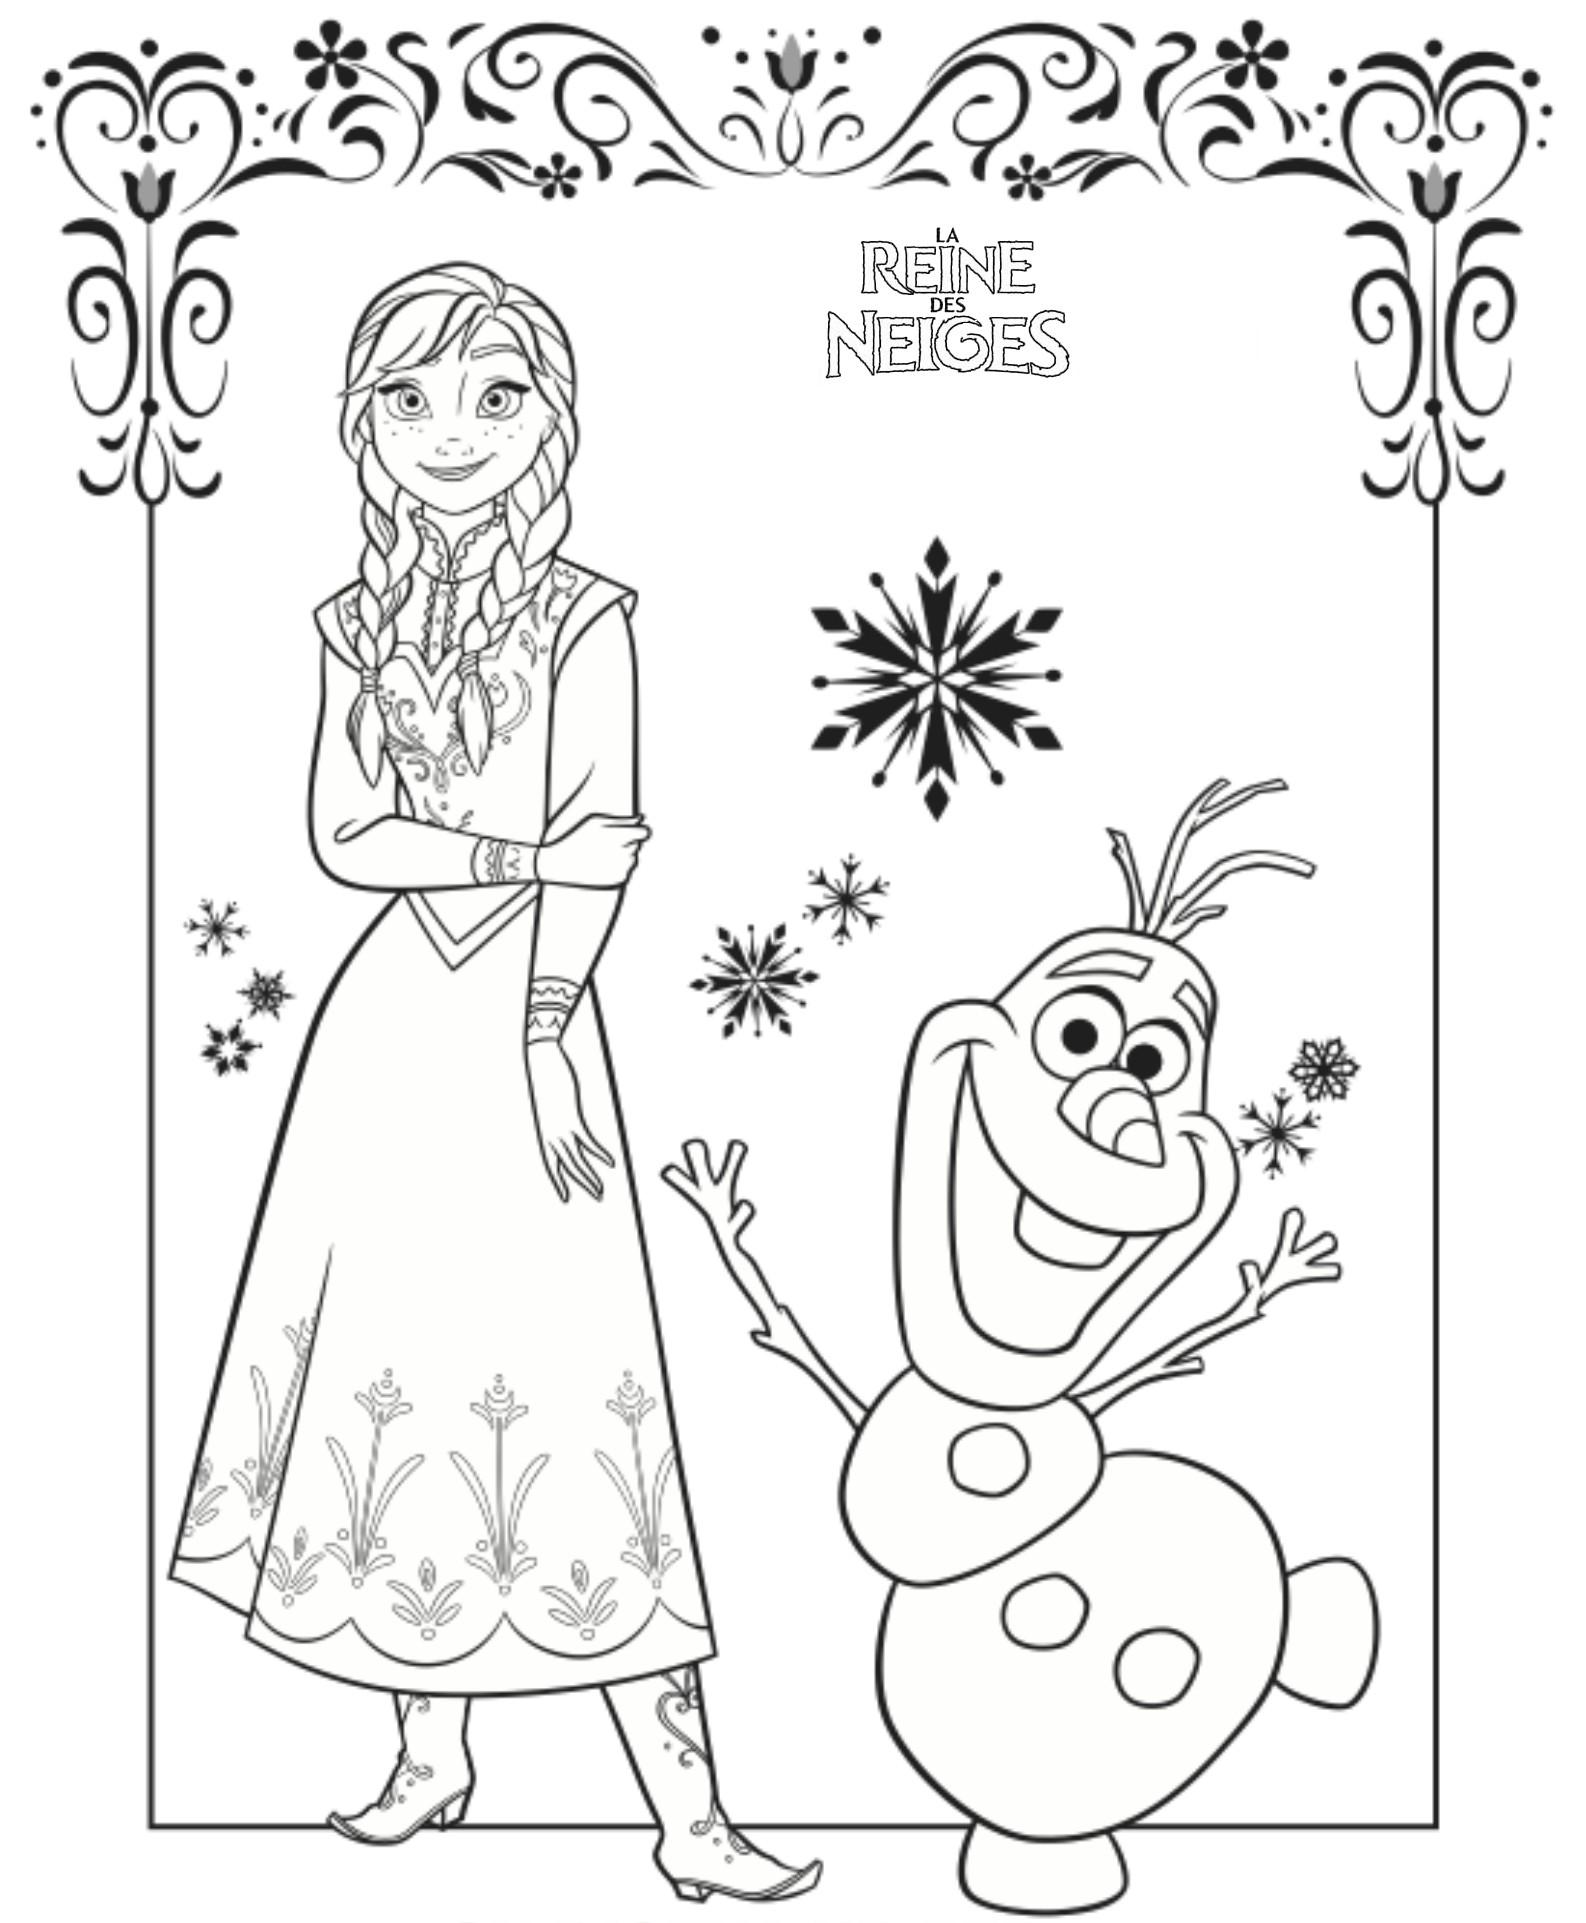 Coloriage reine des neiges disney en ligne - Dessin de reine des neiges ...